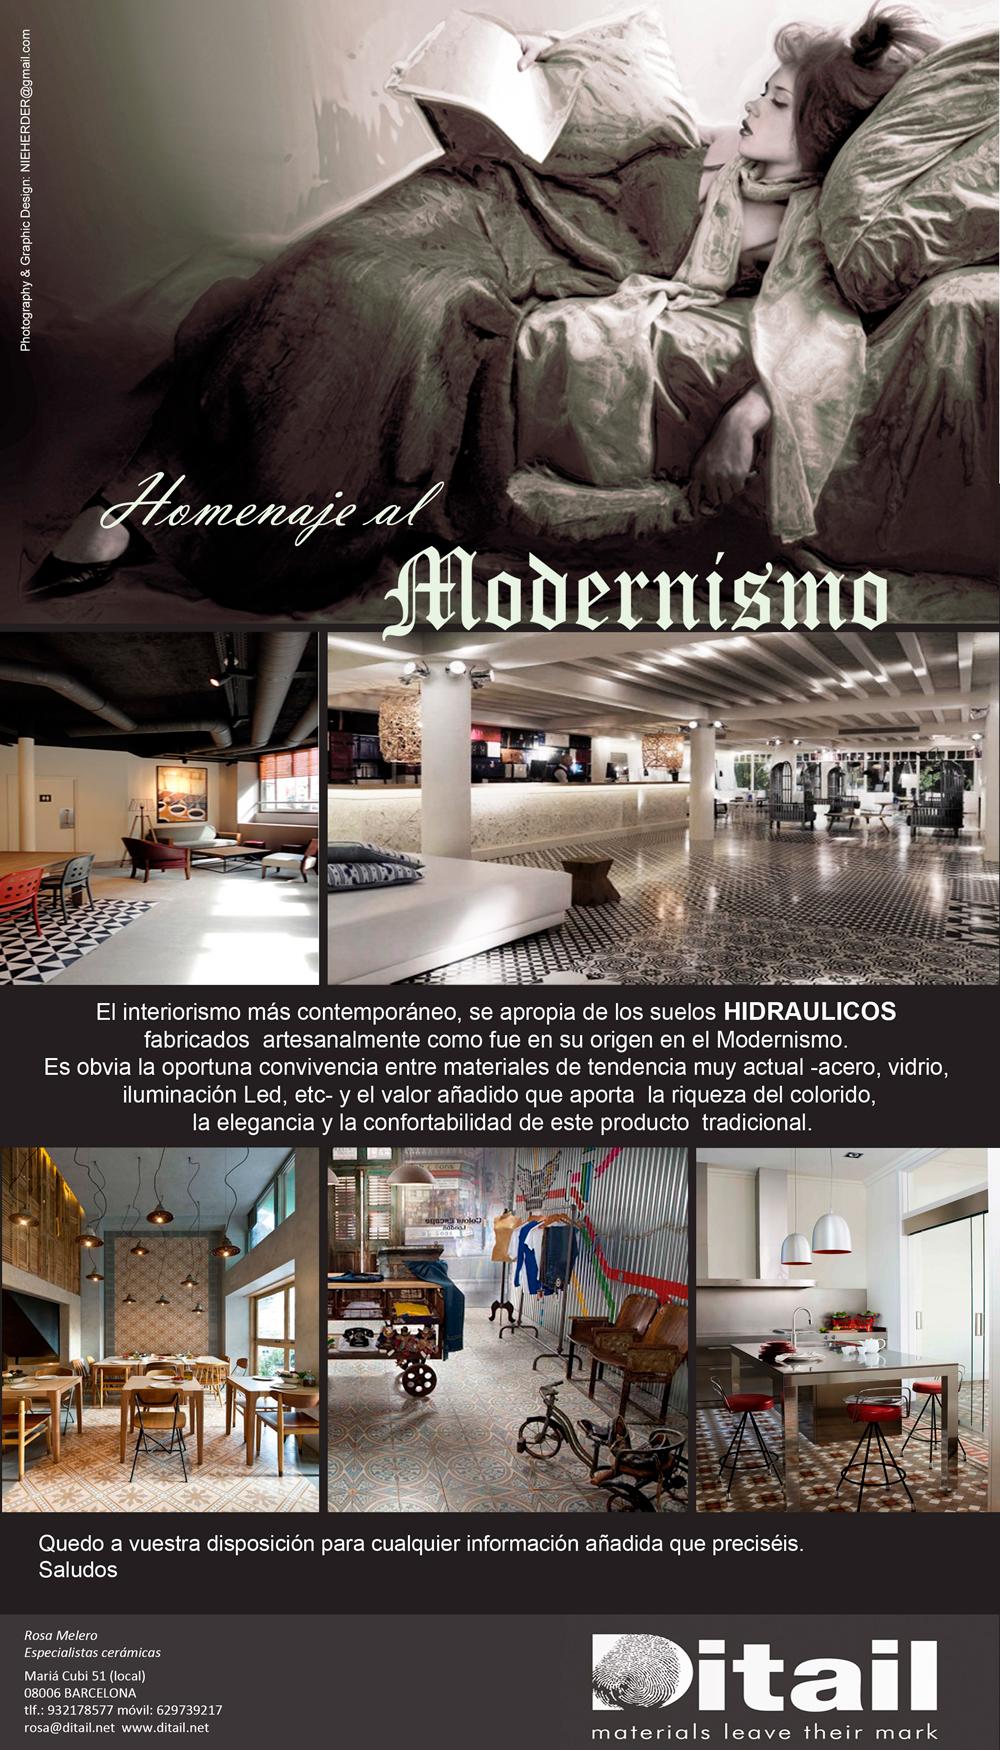 homenaje-al-modernismo